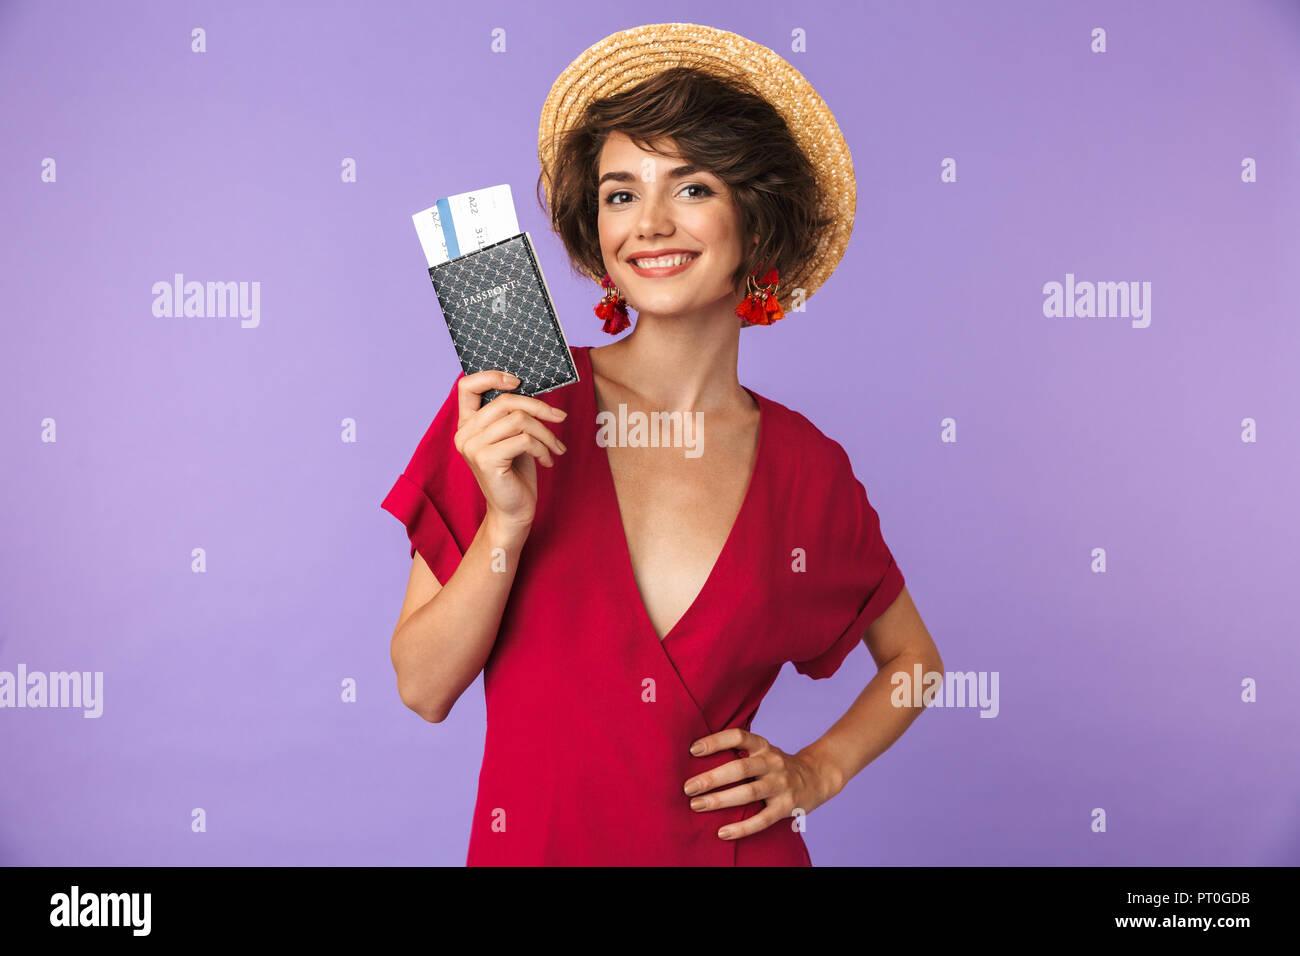 ... giovane donna 20s indossando grande cappello di paglia sorridenti  mentre si tiene il passaporto e i biglietti di viaggio isolate su sfondo  bianco 52bde355f72f